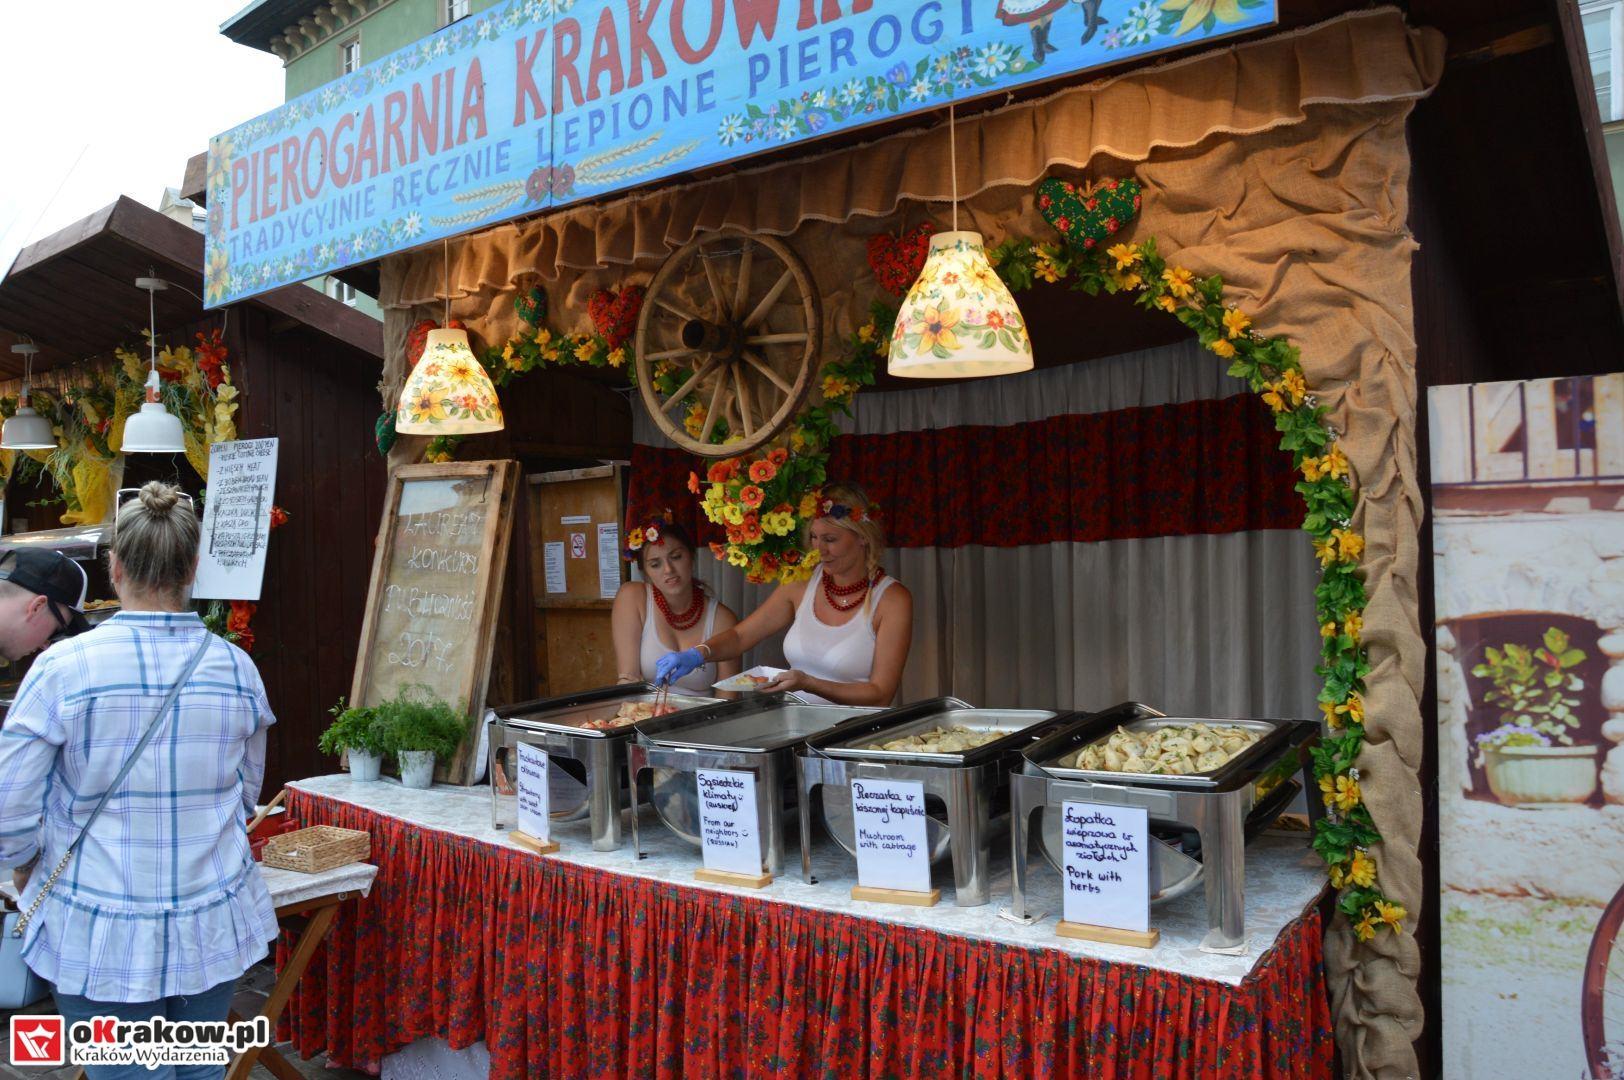 krakow festiwal pierogow maly rynek koncert cheap tobacco 11 150x150 - Galeria zdjęć Festiwal Pierogów Kraków 2018 + zdjęcia z koncertu Cheap Tobacco